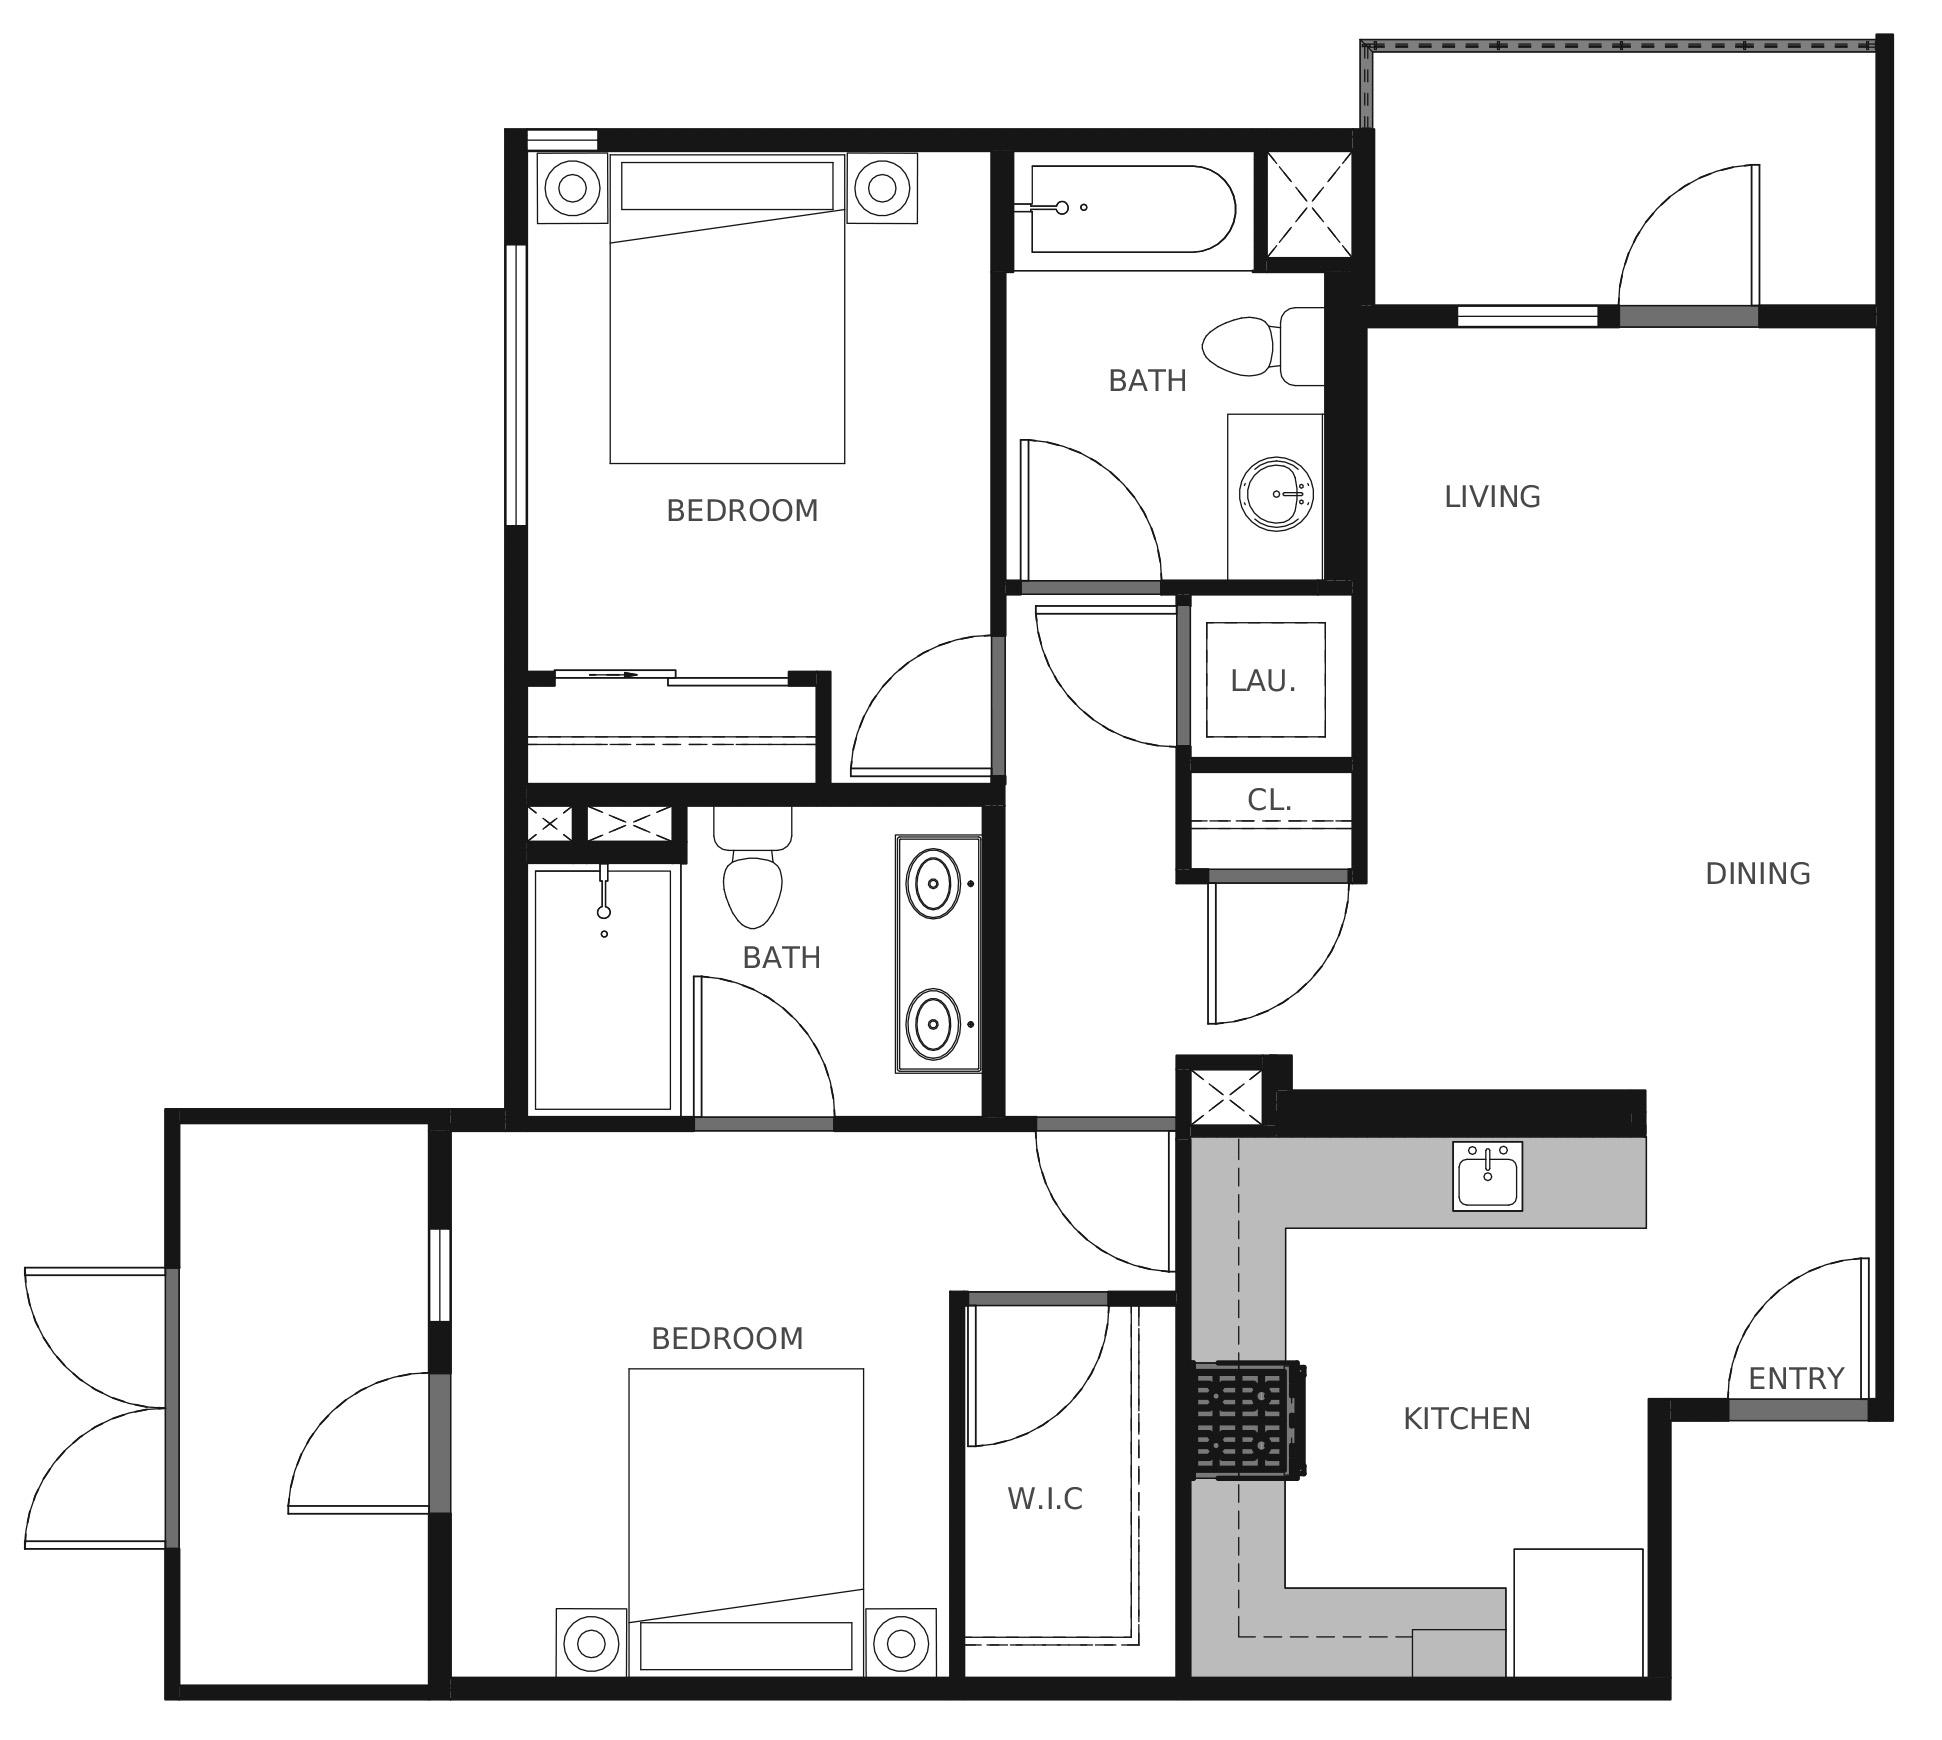 Plan B1a - 877 sq. ft.